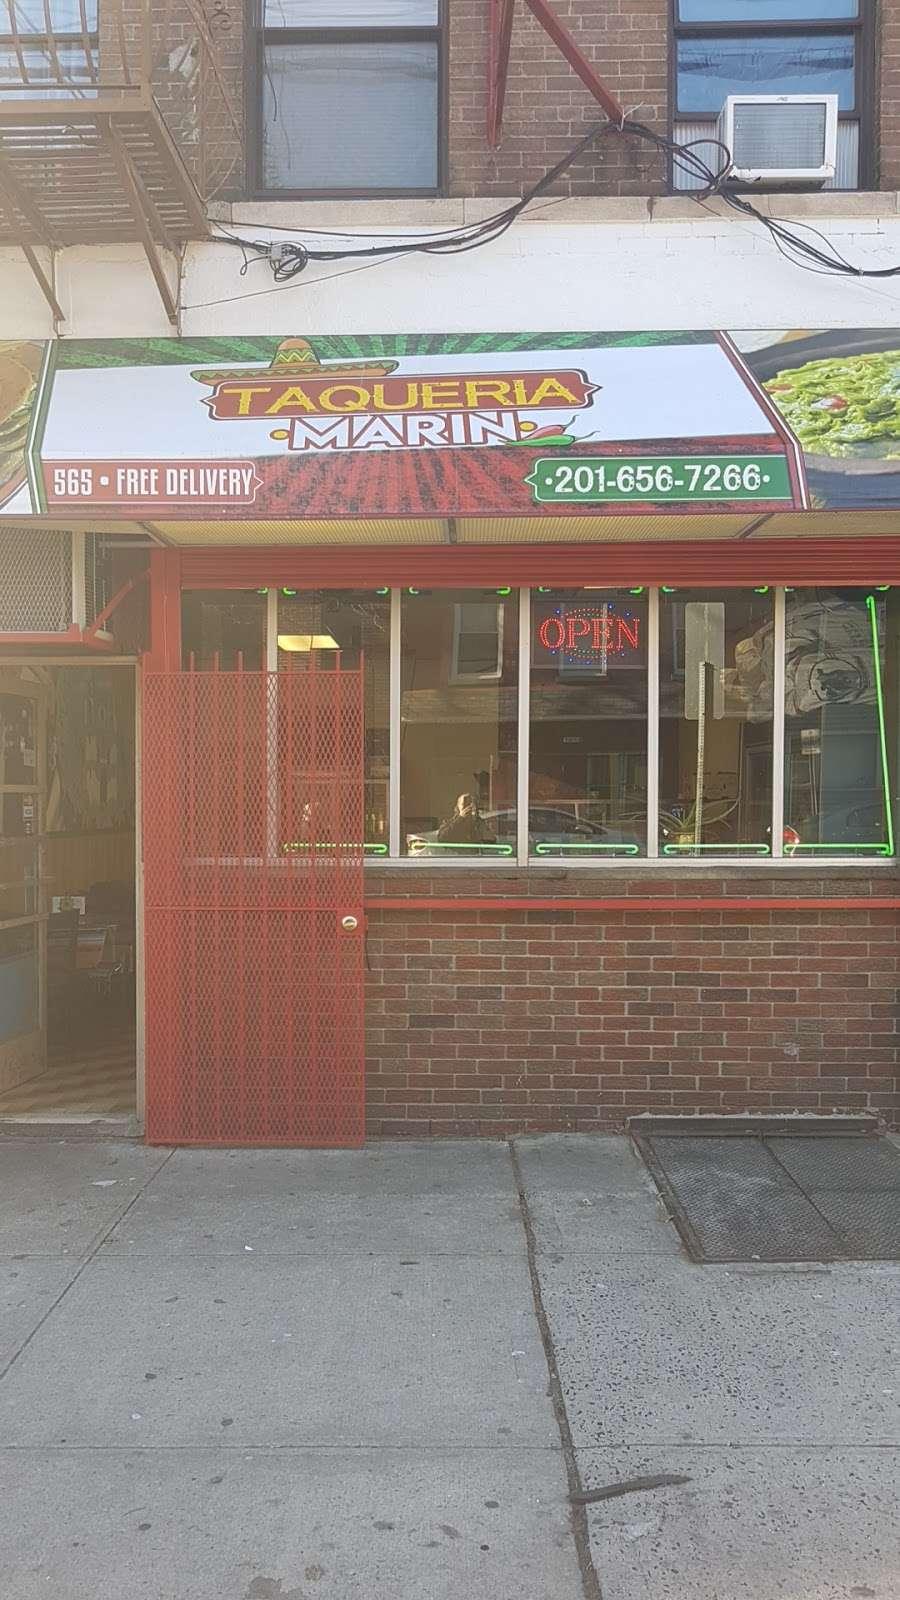 Taqueria Marin - restaurant  | Photo 5 of 5 | Address: 565 Palisade Ave, Jersey City, NJ 07307, USA | Phone: (201) 656-7266